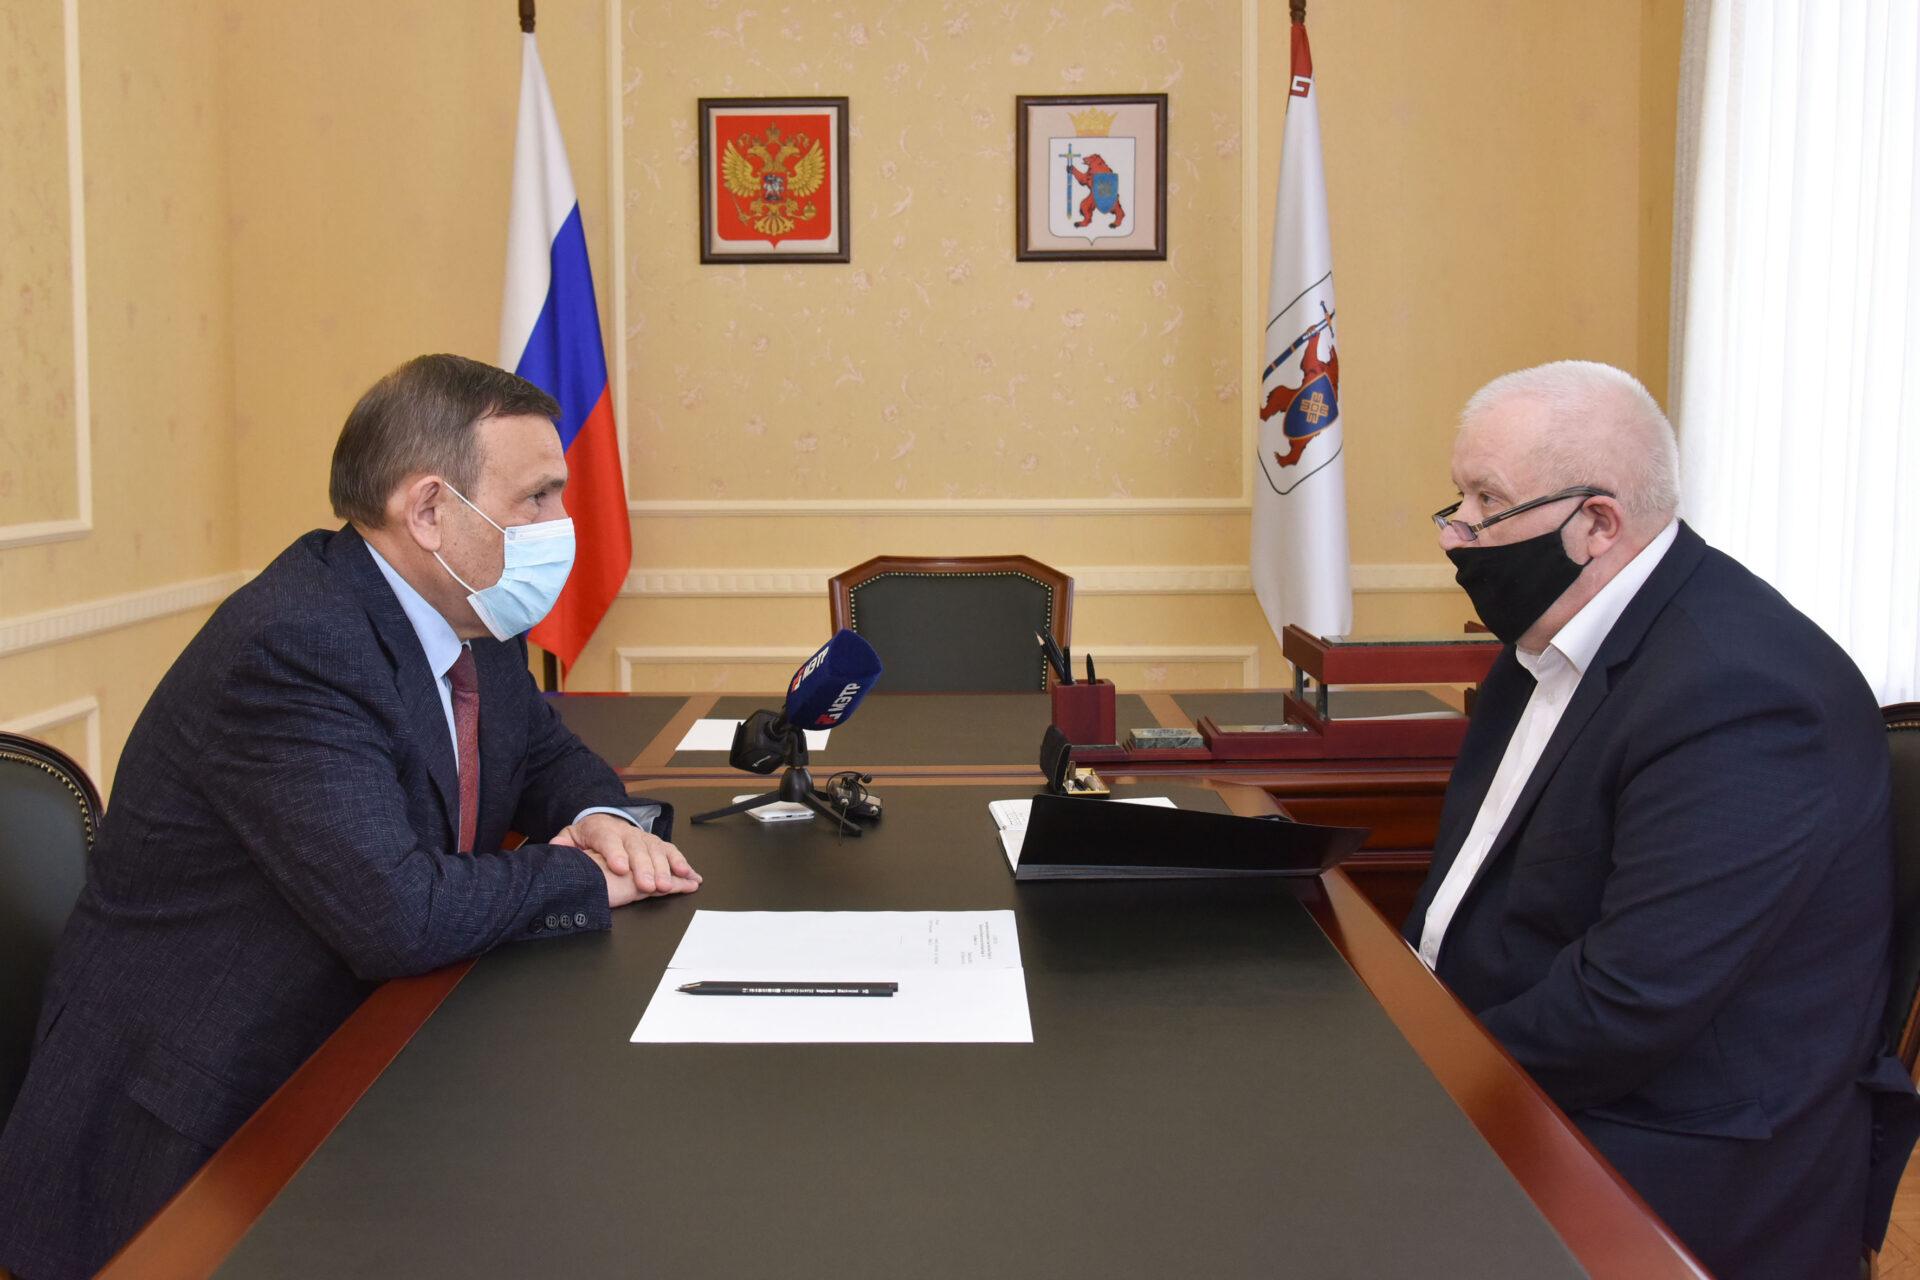 Глава Марий Эл и министр МВД республики обсудил меры безопасности в школах